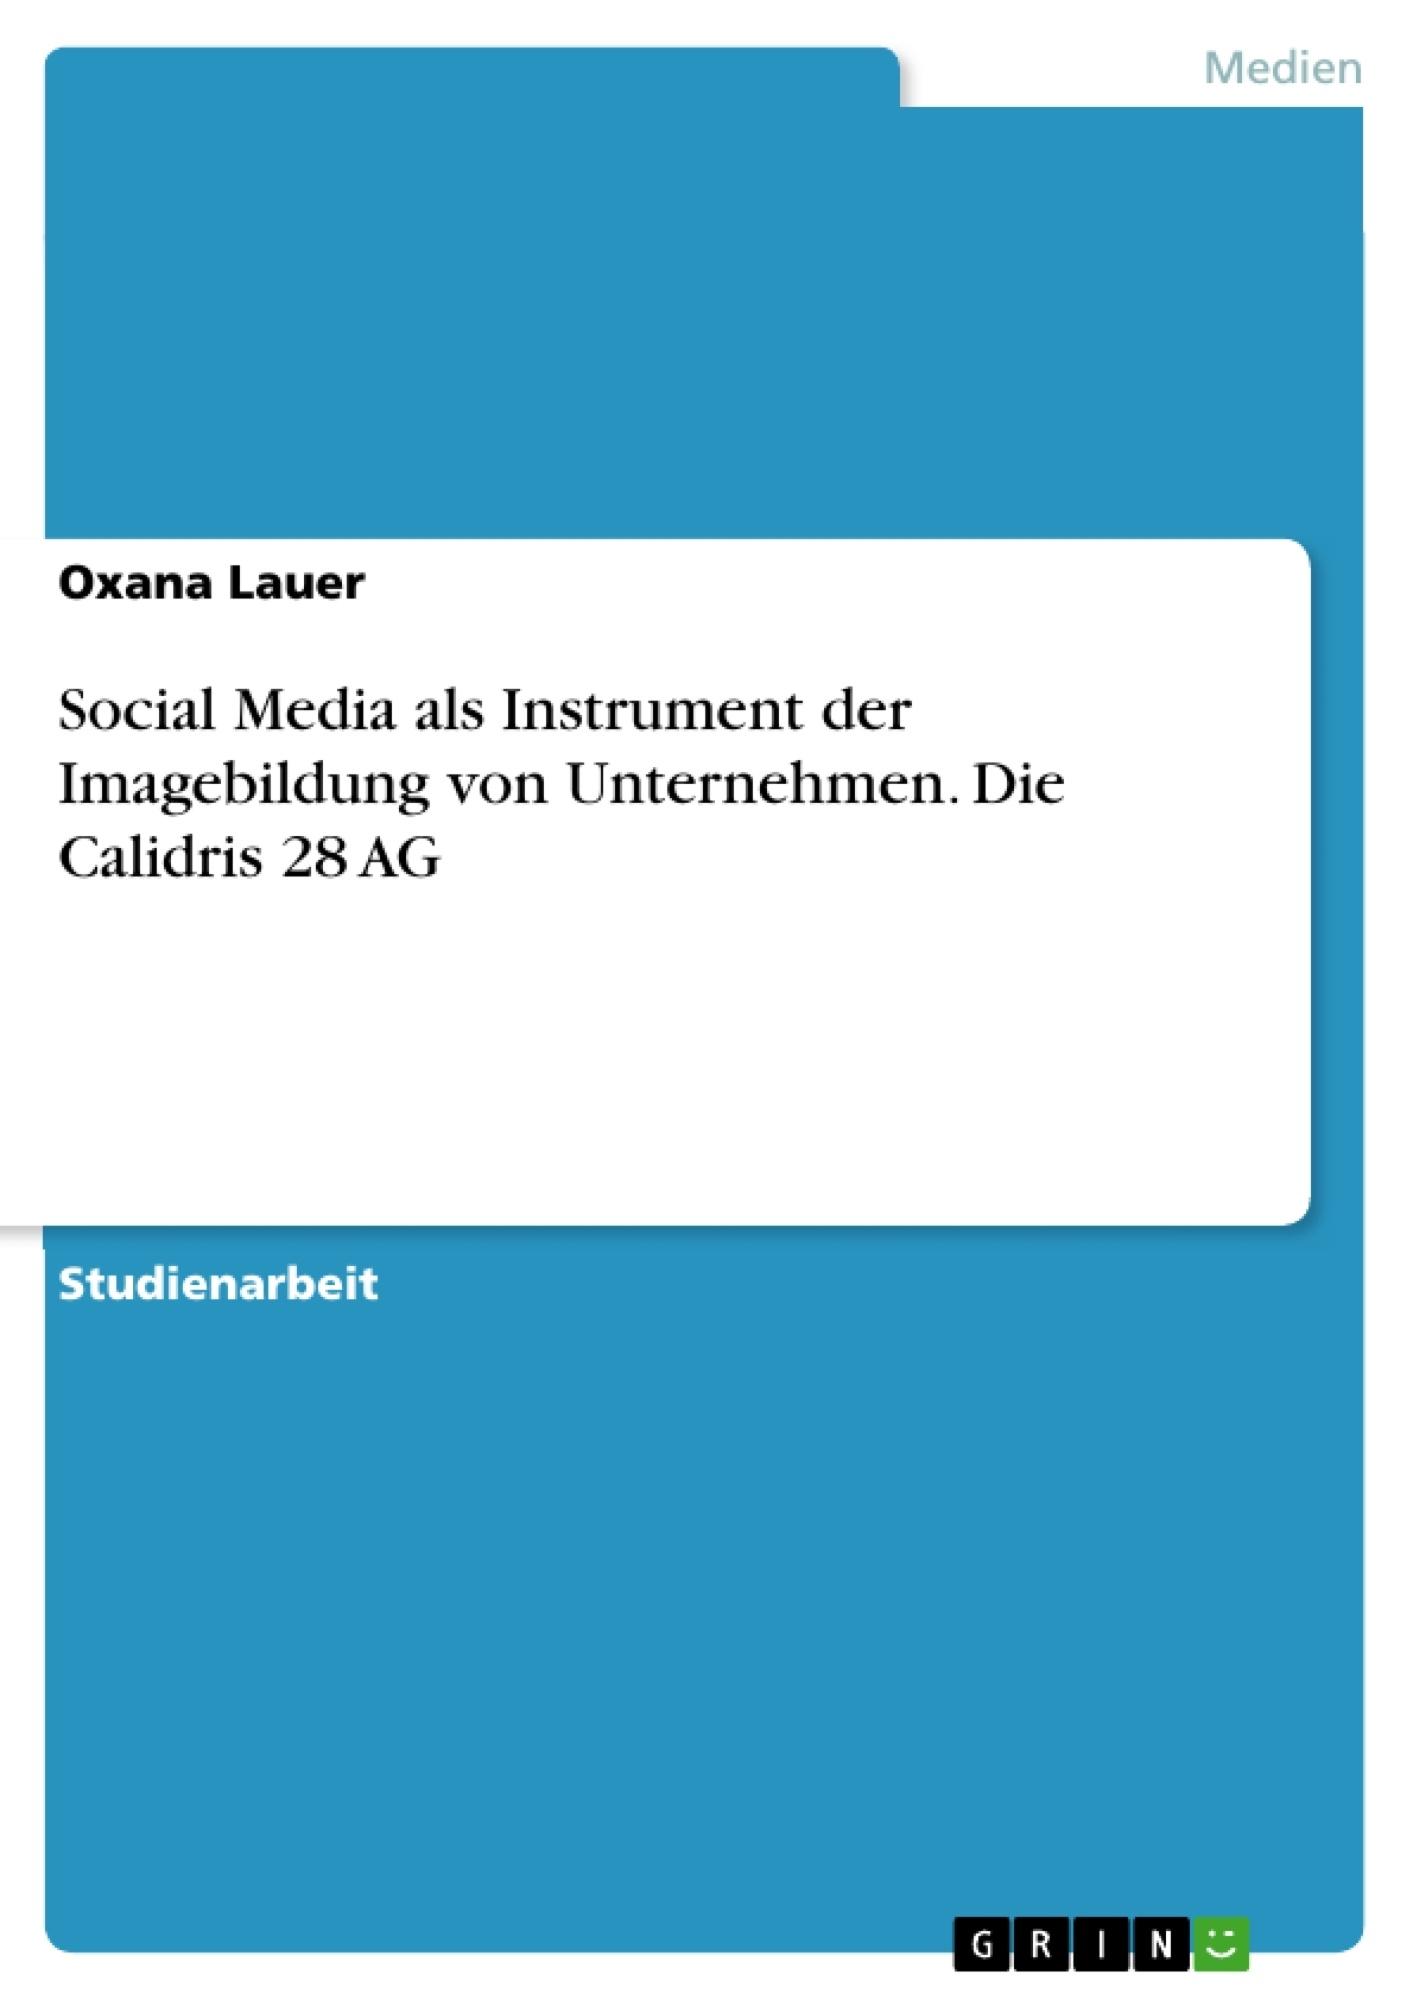 Titel: Social Media als Instrument der Imagebildung von Unternehmen. Die Calidris 28 AG